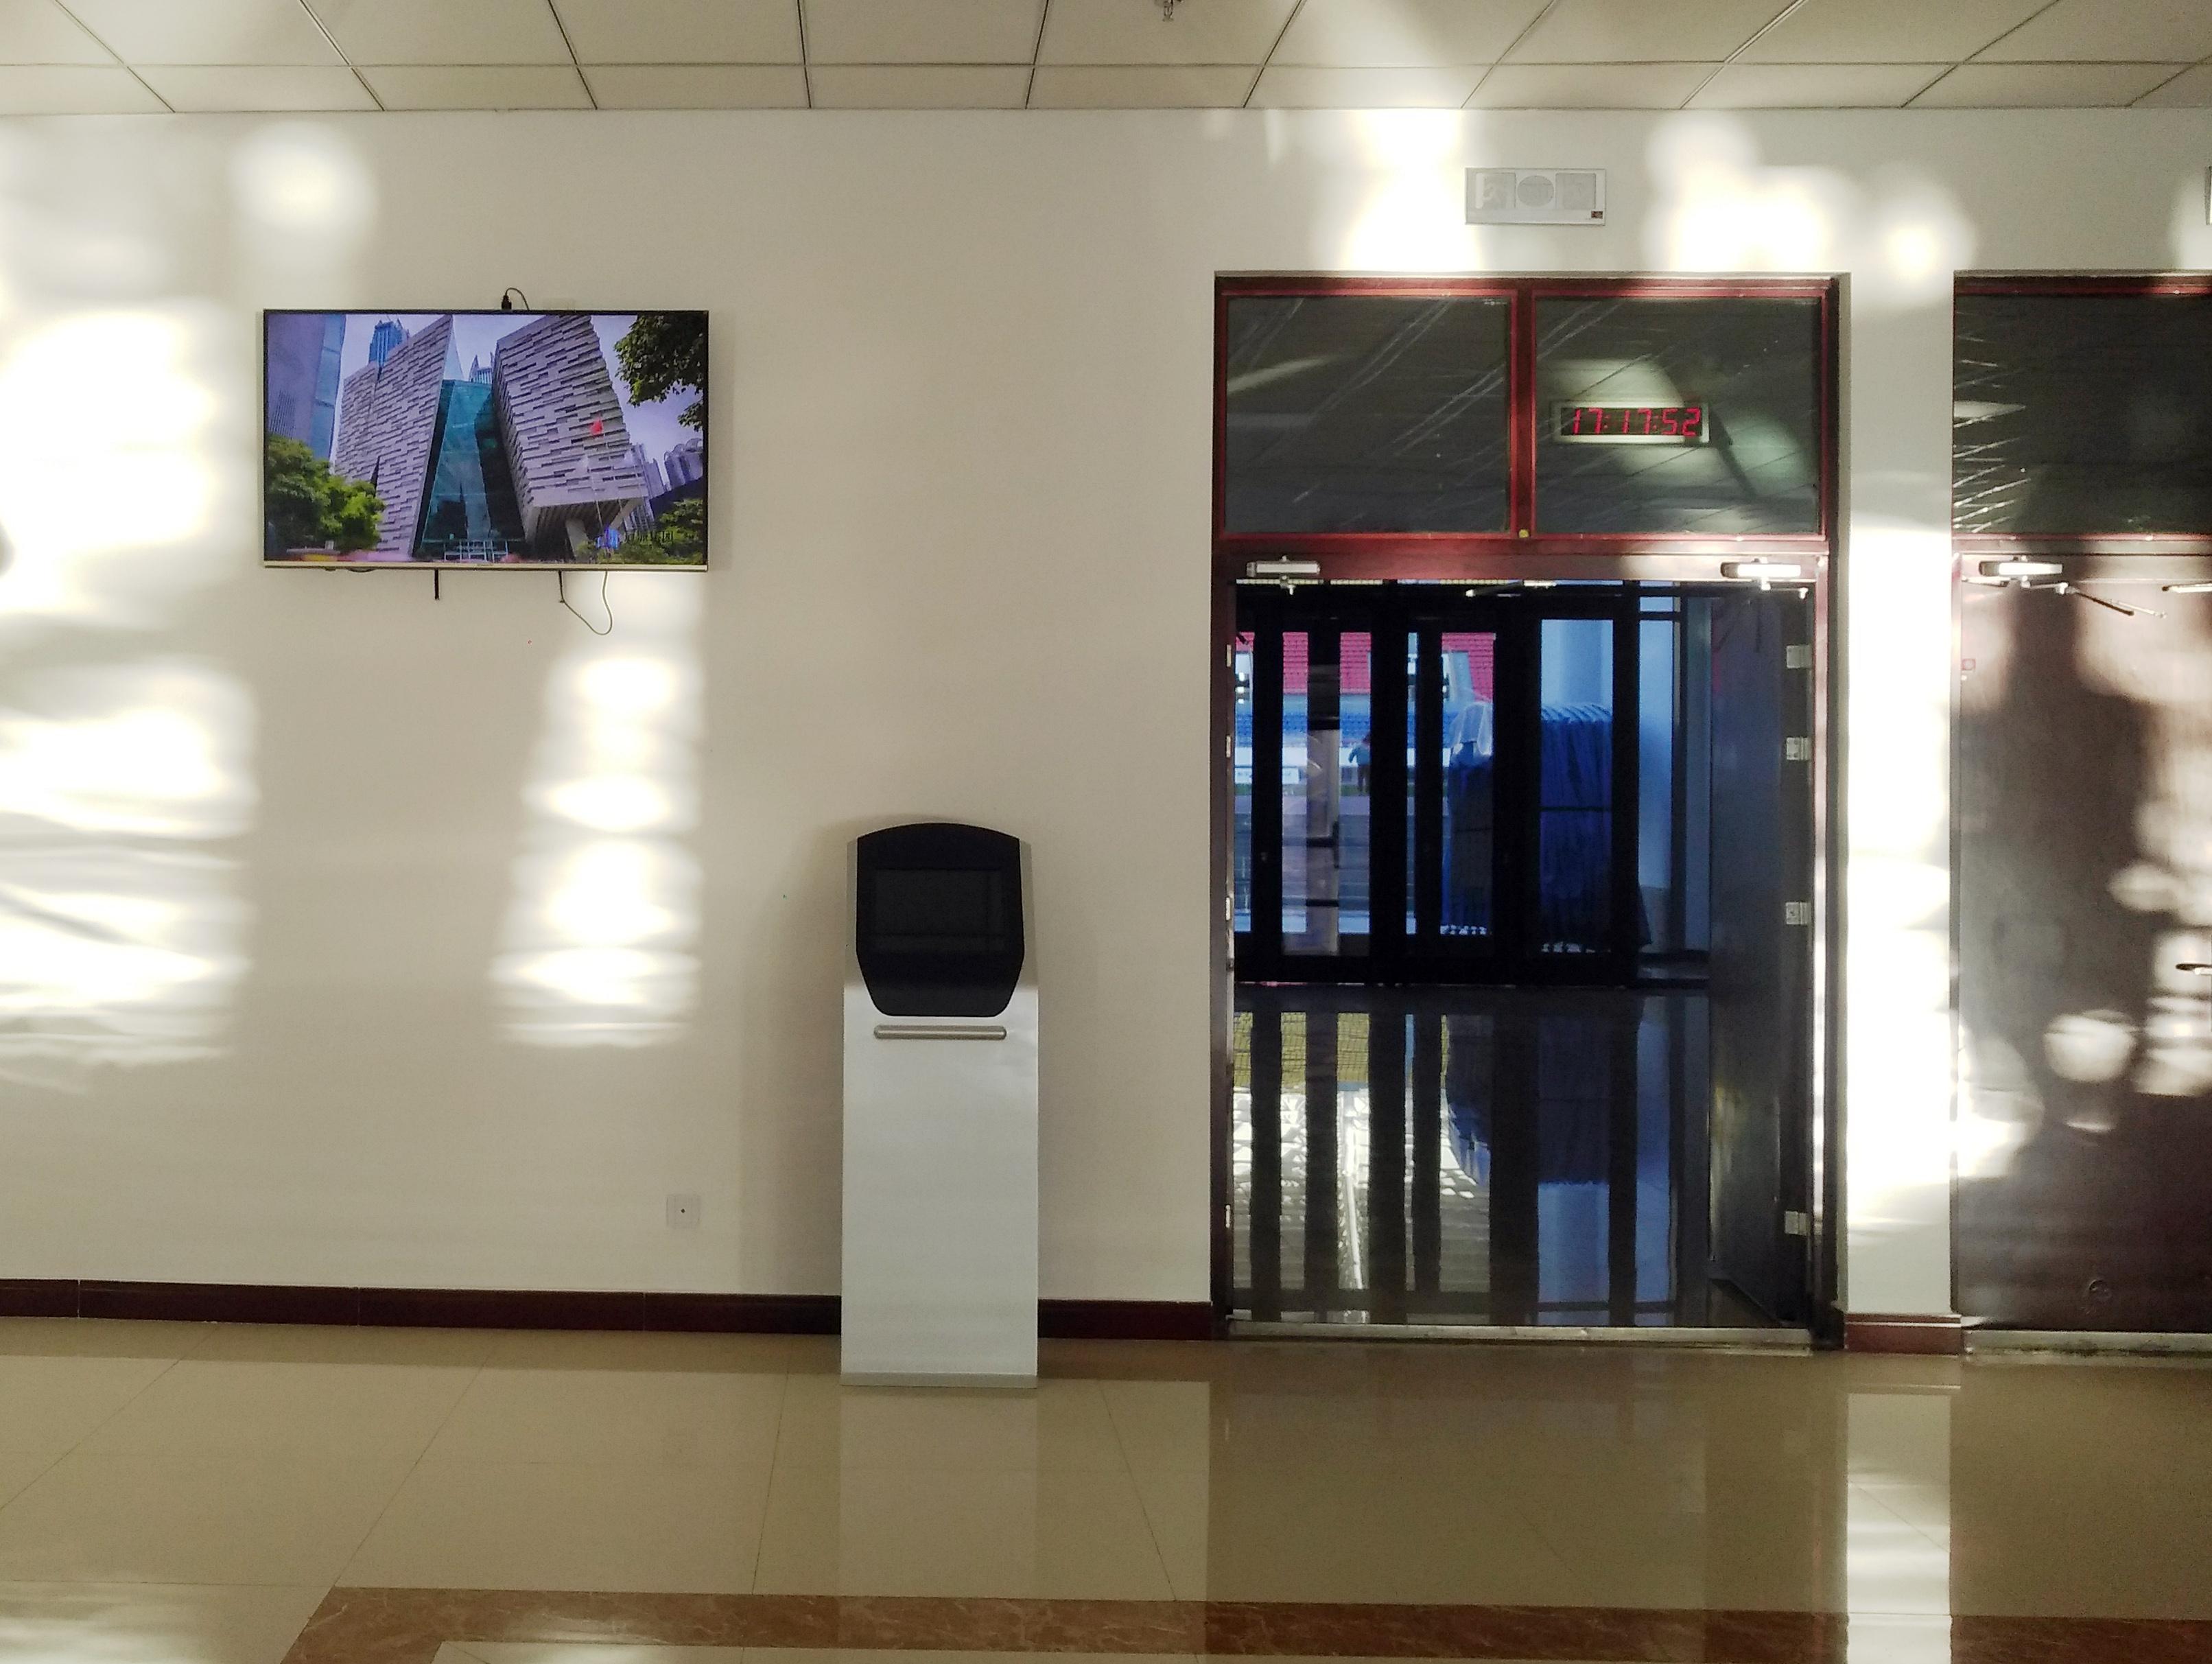 信息发布系统 多媒体信息发布系统 4K多媒体信息发布系统